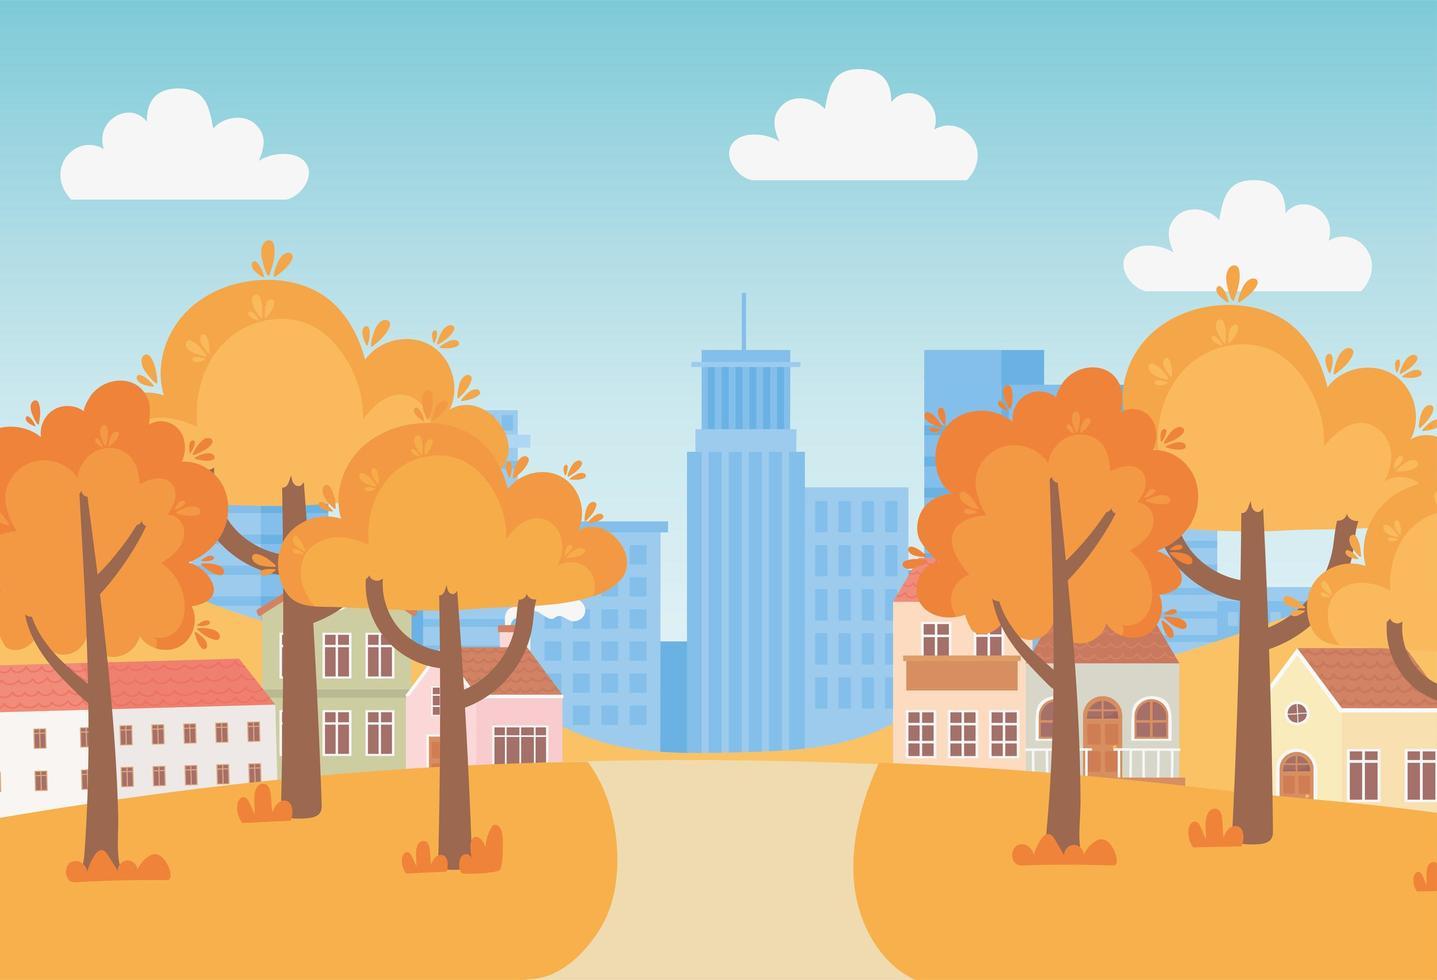 landskap på hösten. förortshus och urban stadsbild vektor